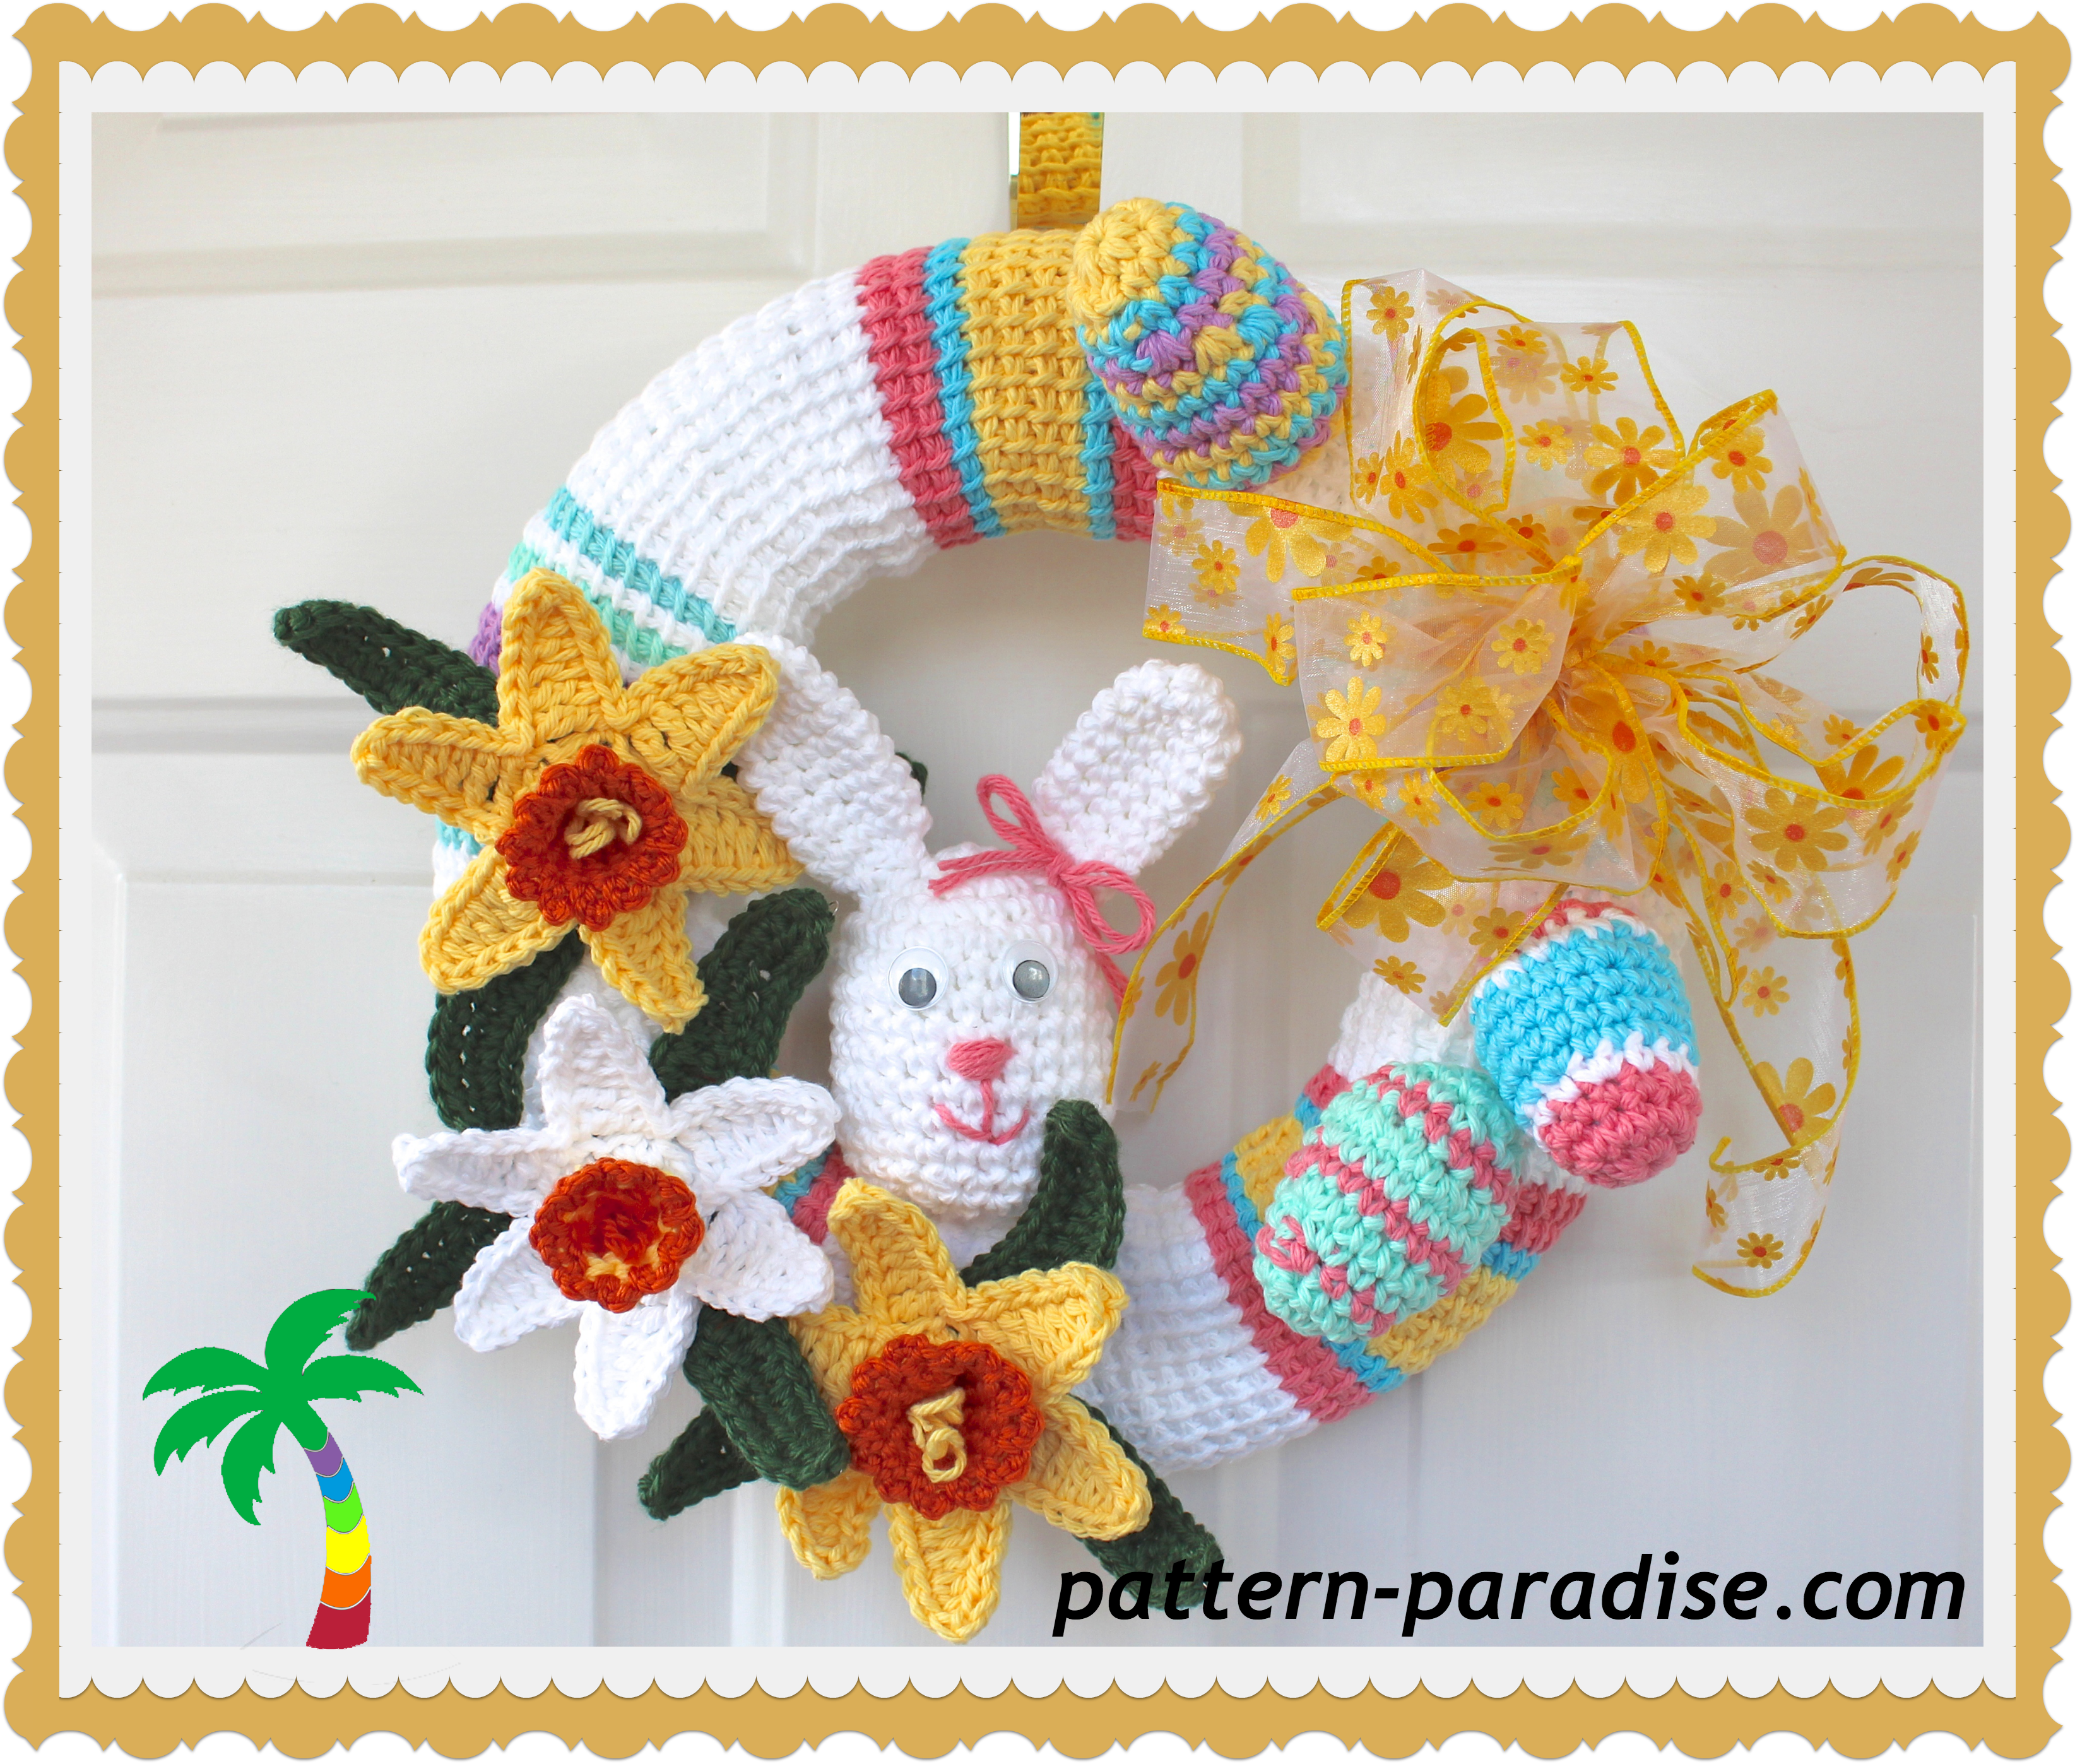 FREE CROCHET PATTERN - Spring Wreath | Kränze, Ostern und Stricken